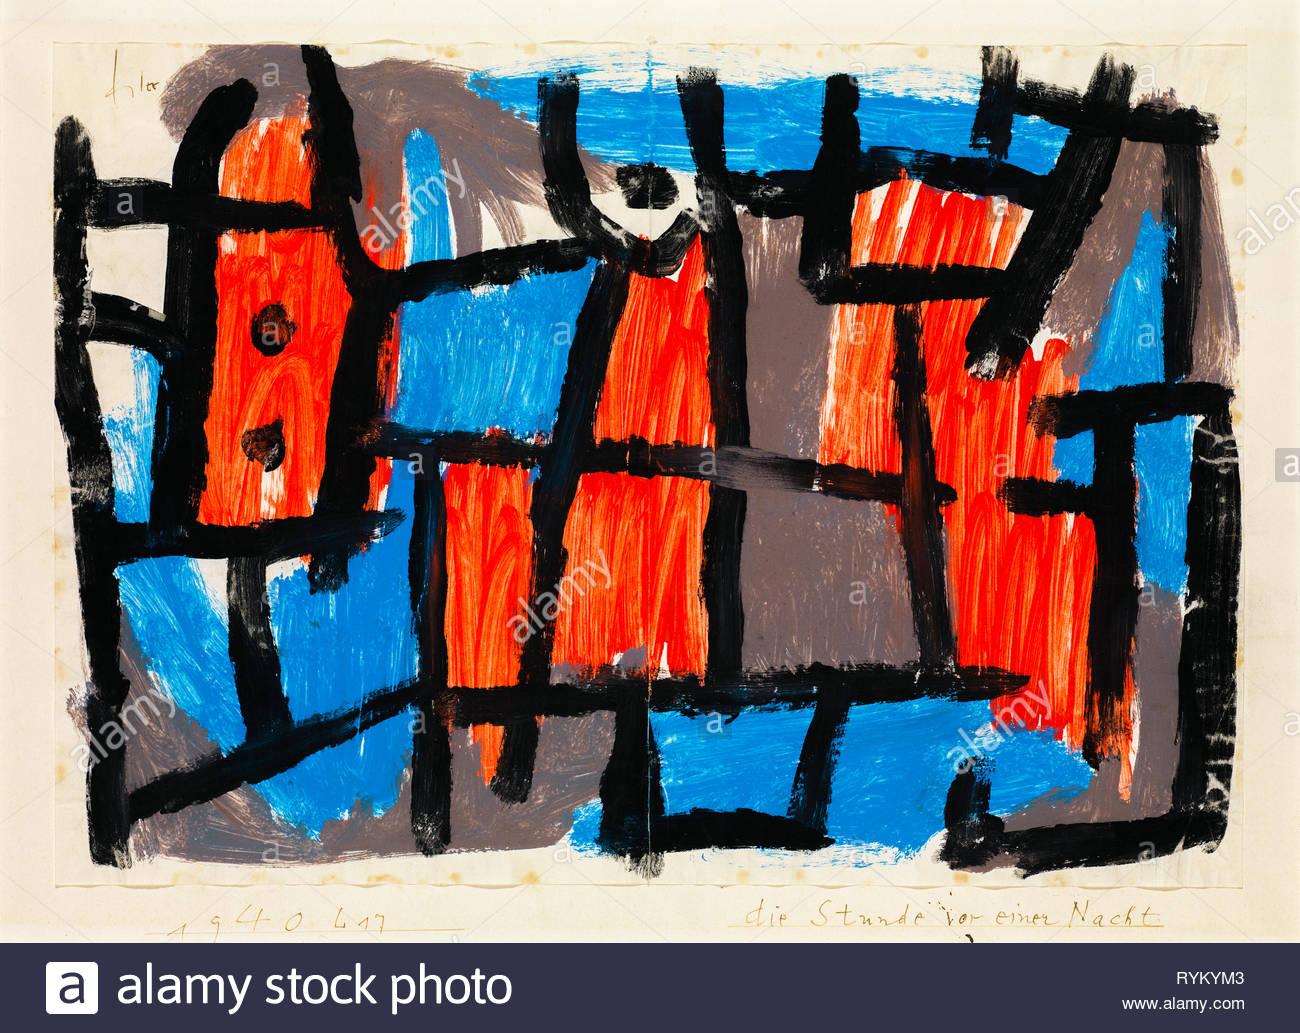 Paul Klee German Expressionist 17 ART